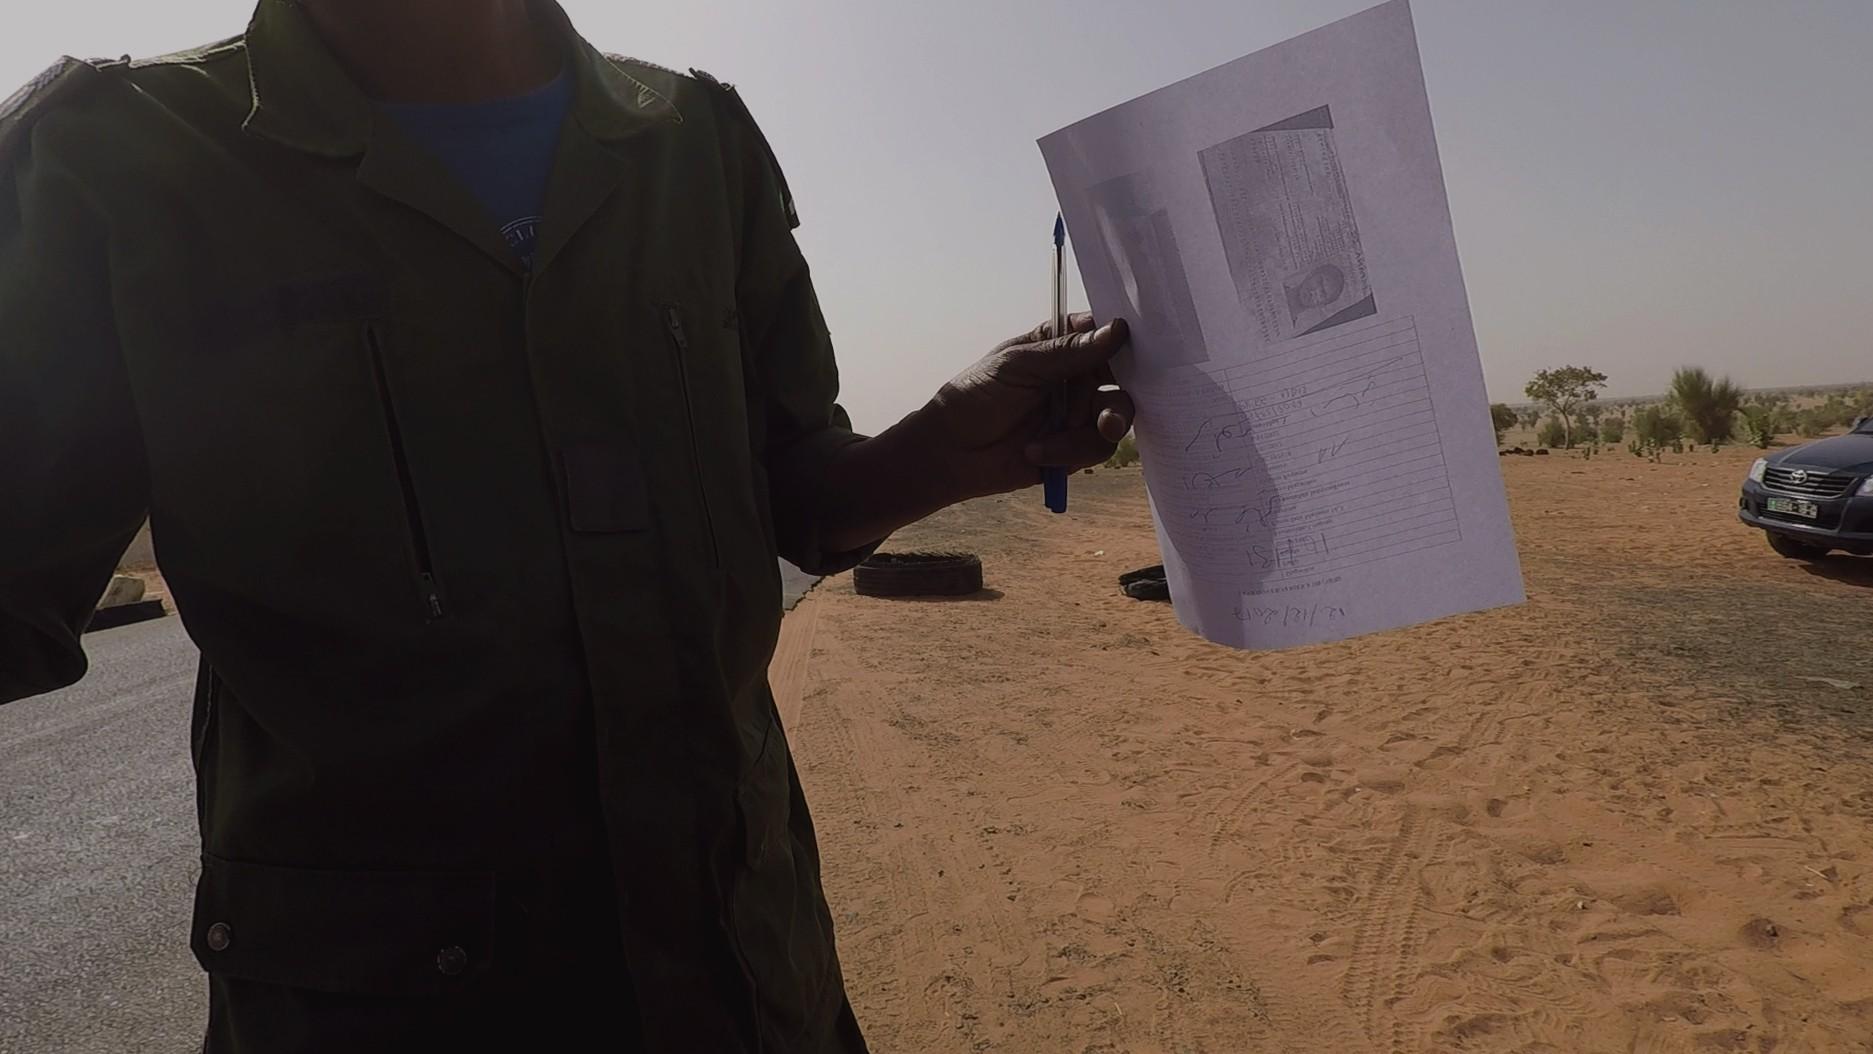 militar mauritania pablocaminante - Mauritania 4/5, Nouakchott a Gogui